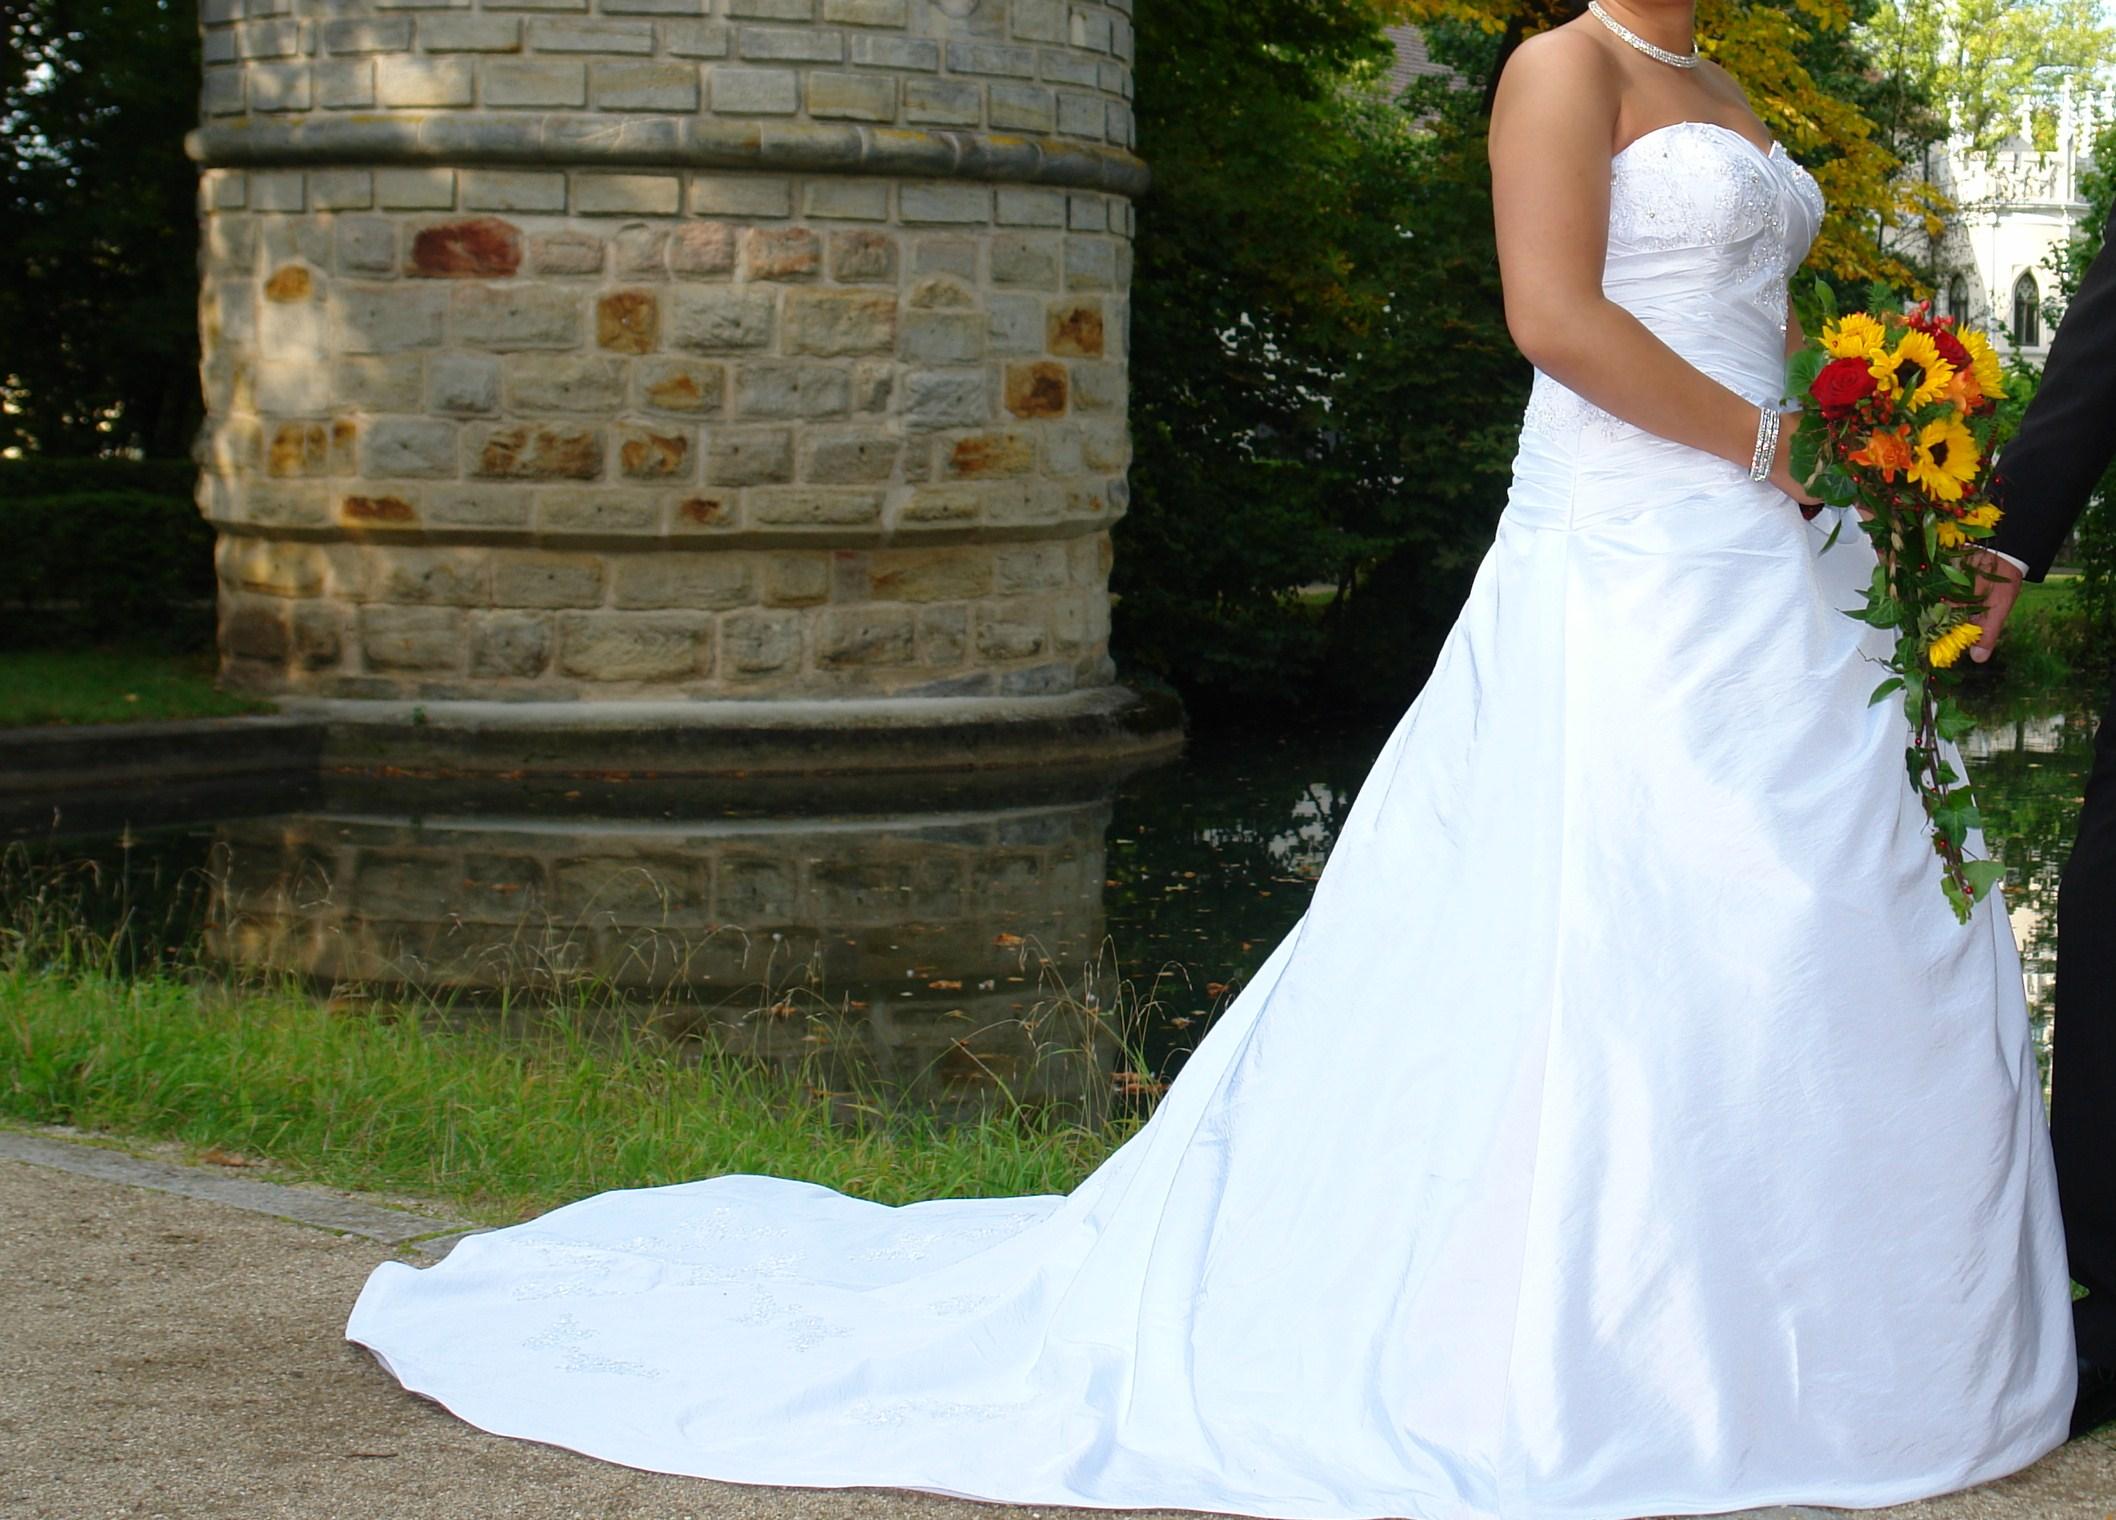 Weisses Hochzeitskleid - Hochzeit-Trauung-Party